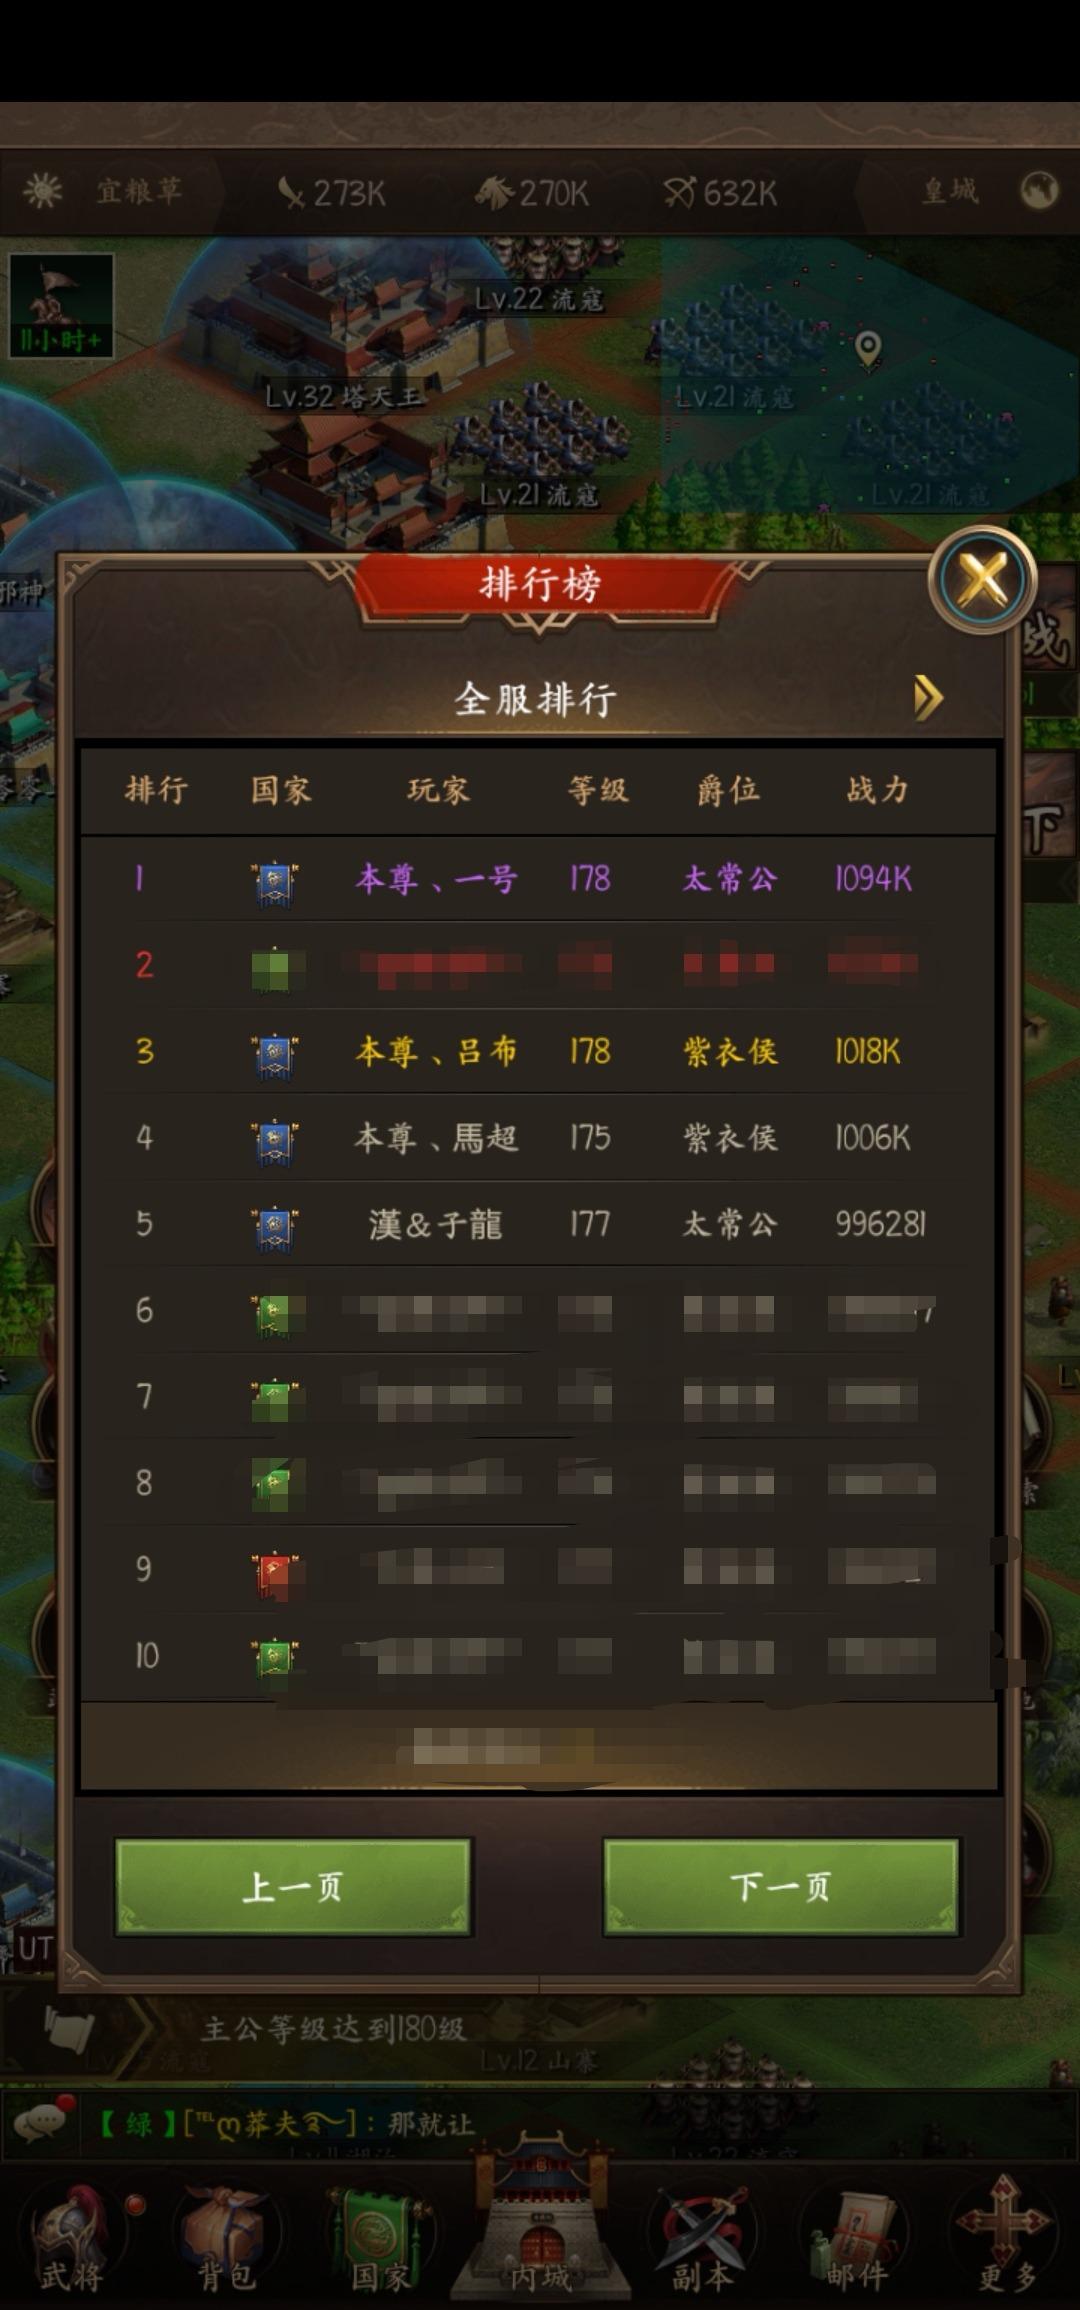 Screenshot_20200702_214219.jpg